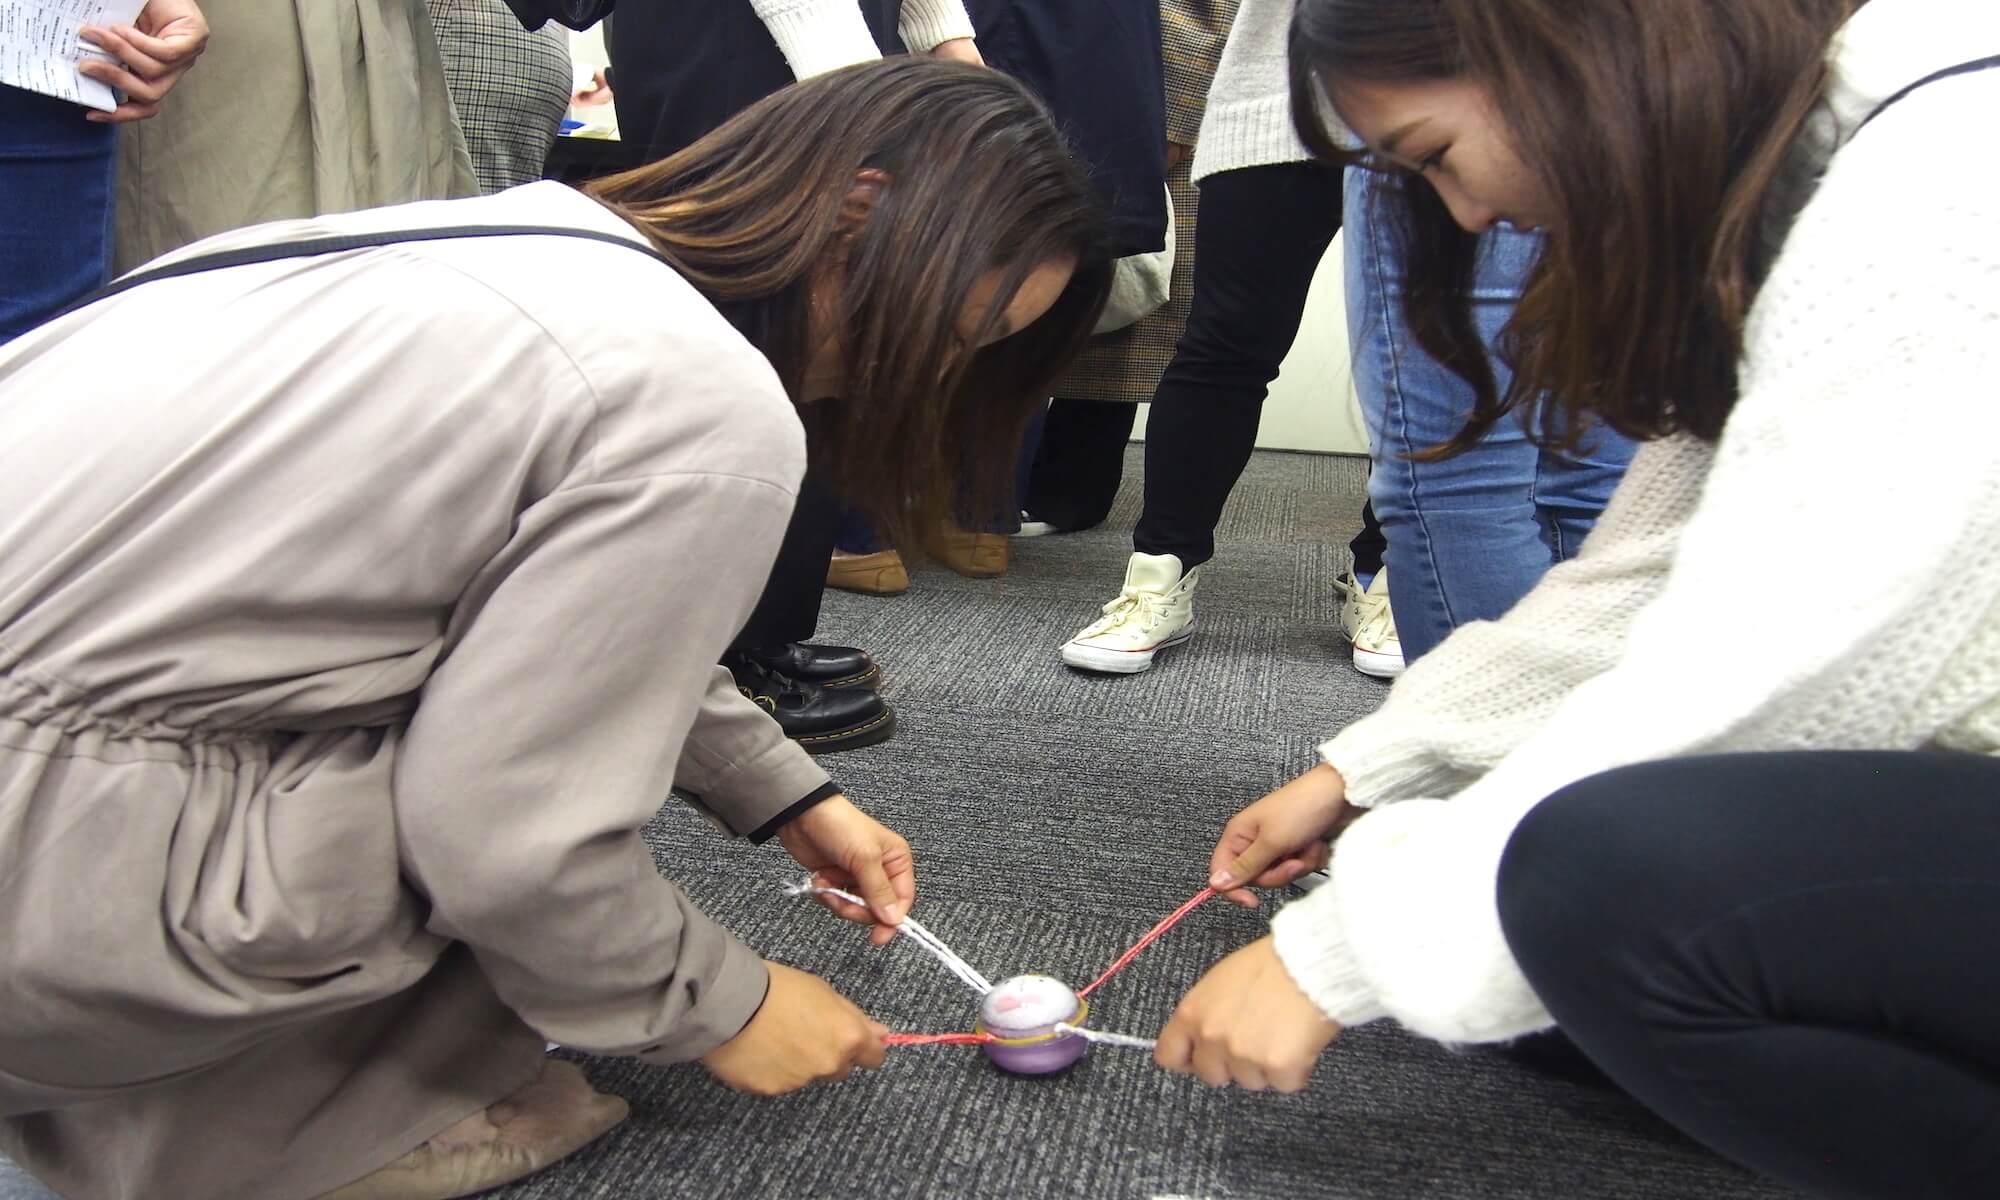 2人で協力する難しさと楽しさが学べるクレーンゲーム